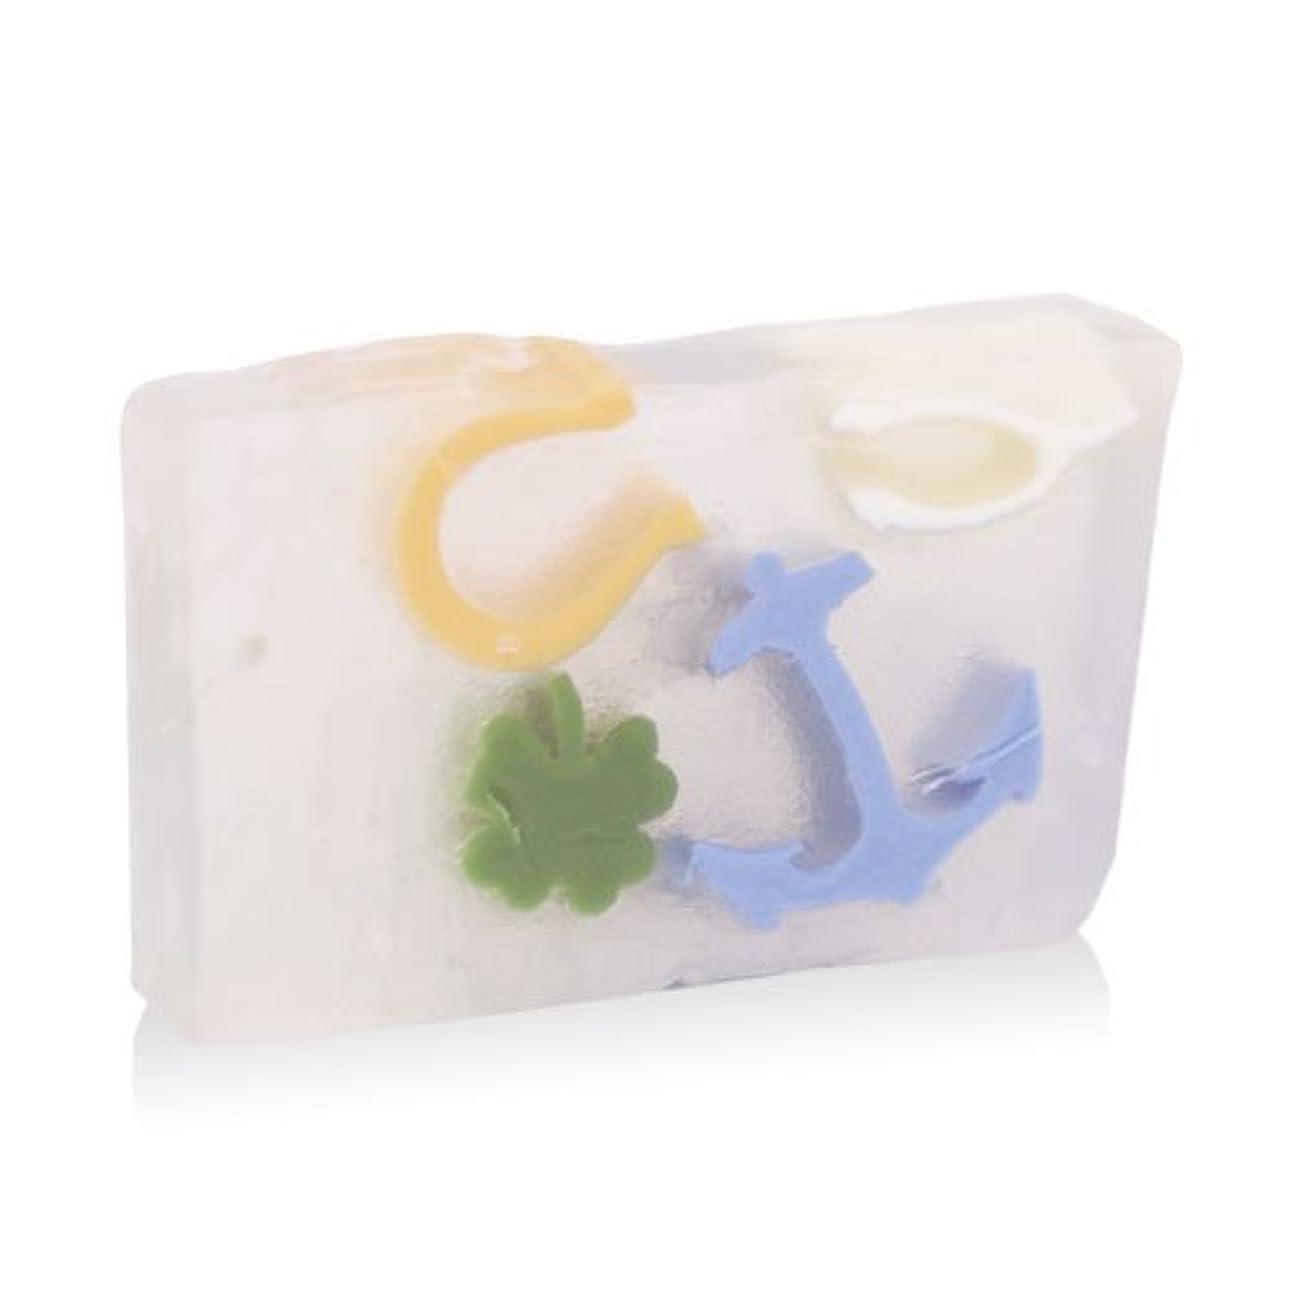 太平洋諸島機動皮肉なプライモールエレメンツ アロマティック ソープ グッドラックチャーム 180g 植物性 ナチュラル 石鹸 無添加